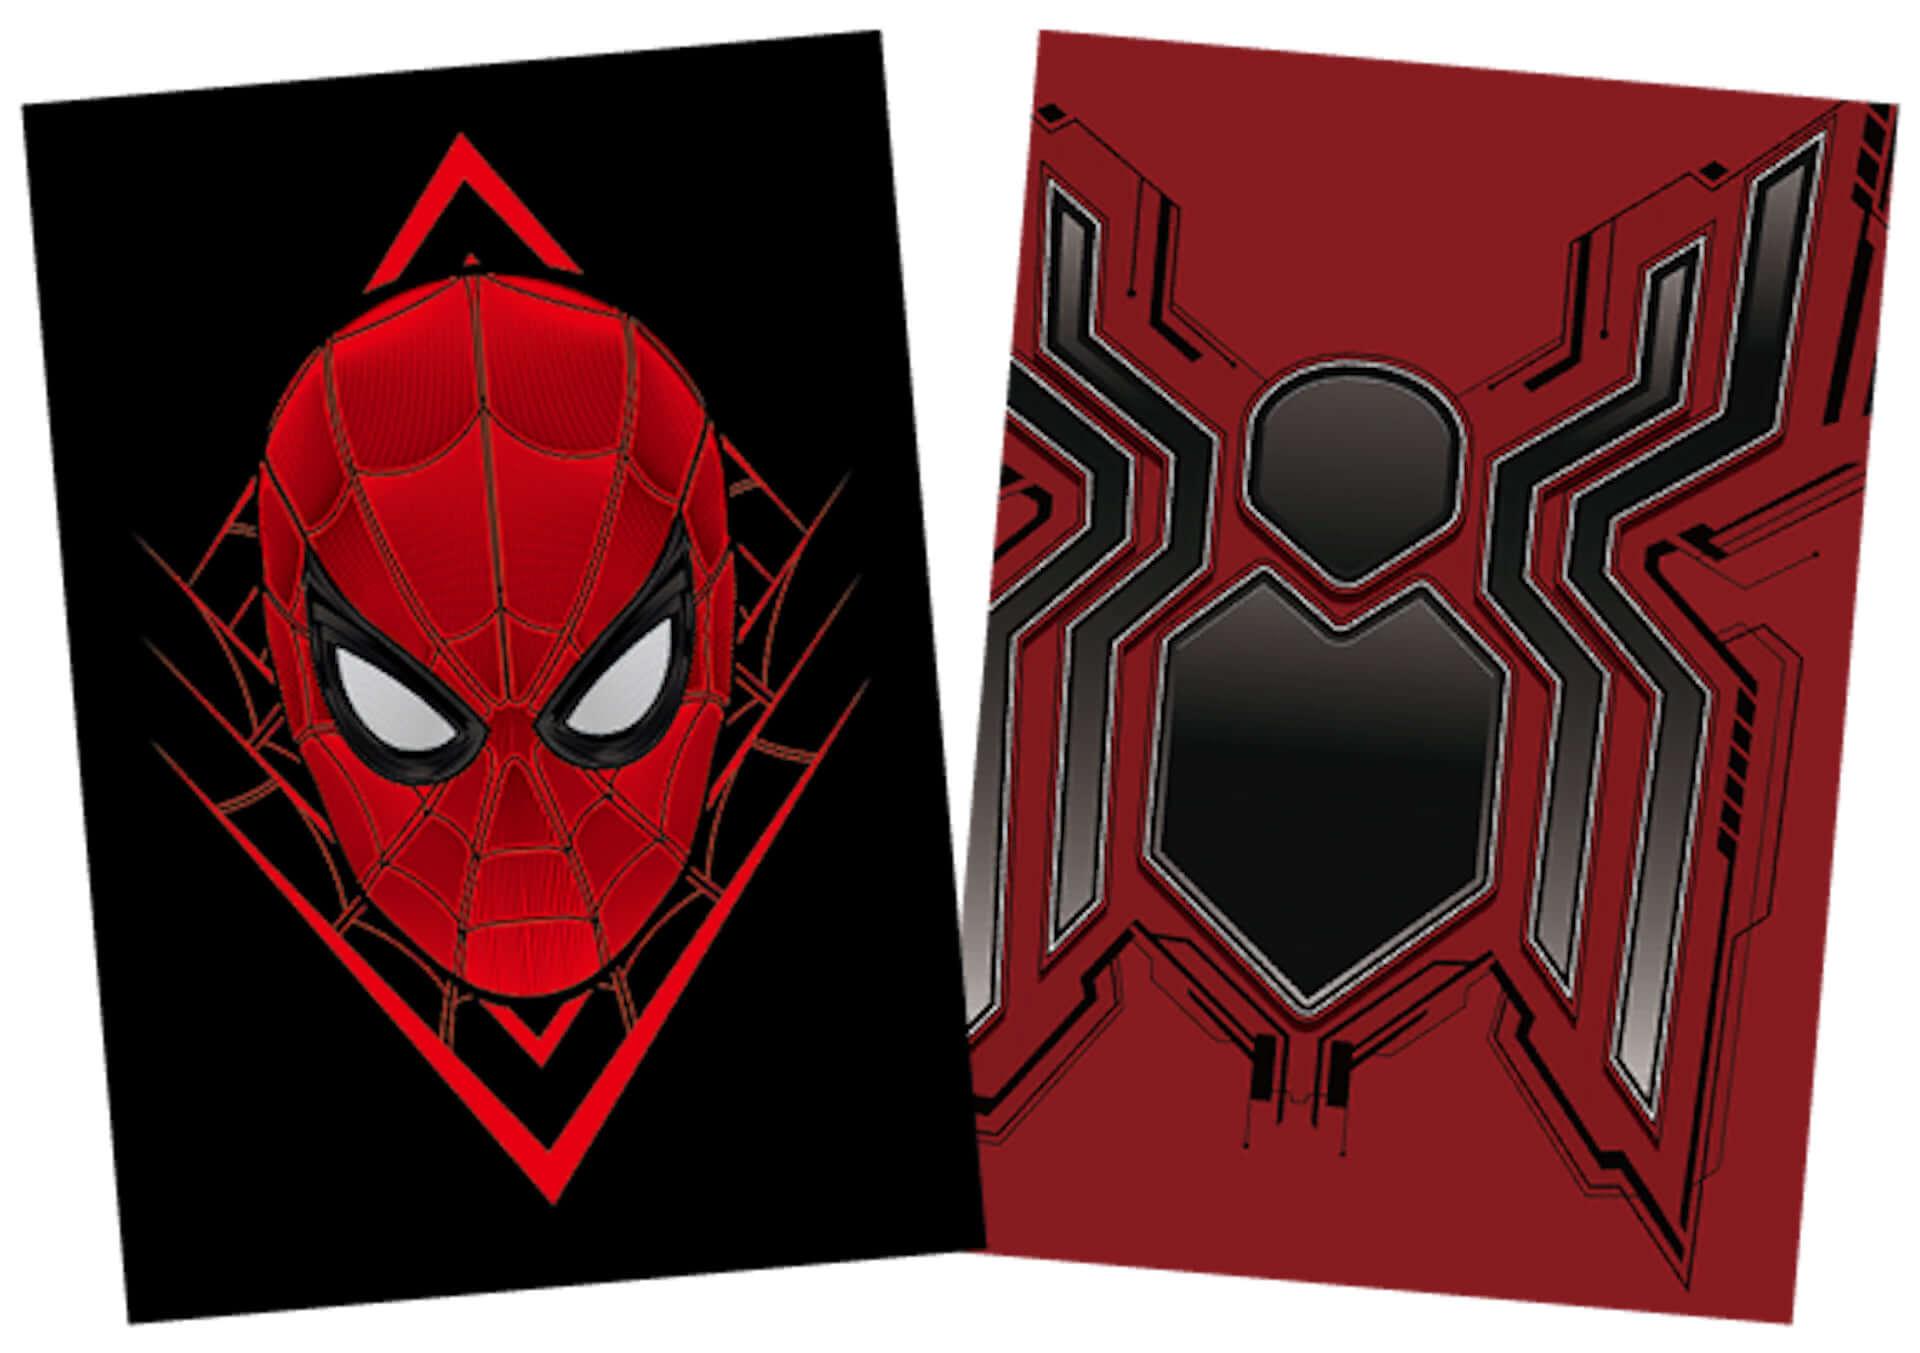 映画「スパイダーマン」最新作の超レアグッズが当たる!Happyくじ『スパイダーマン:ファー・フロム・ホーム』登場 art190628_spiderman_lot_8-1920x1353